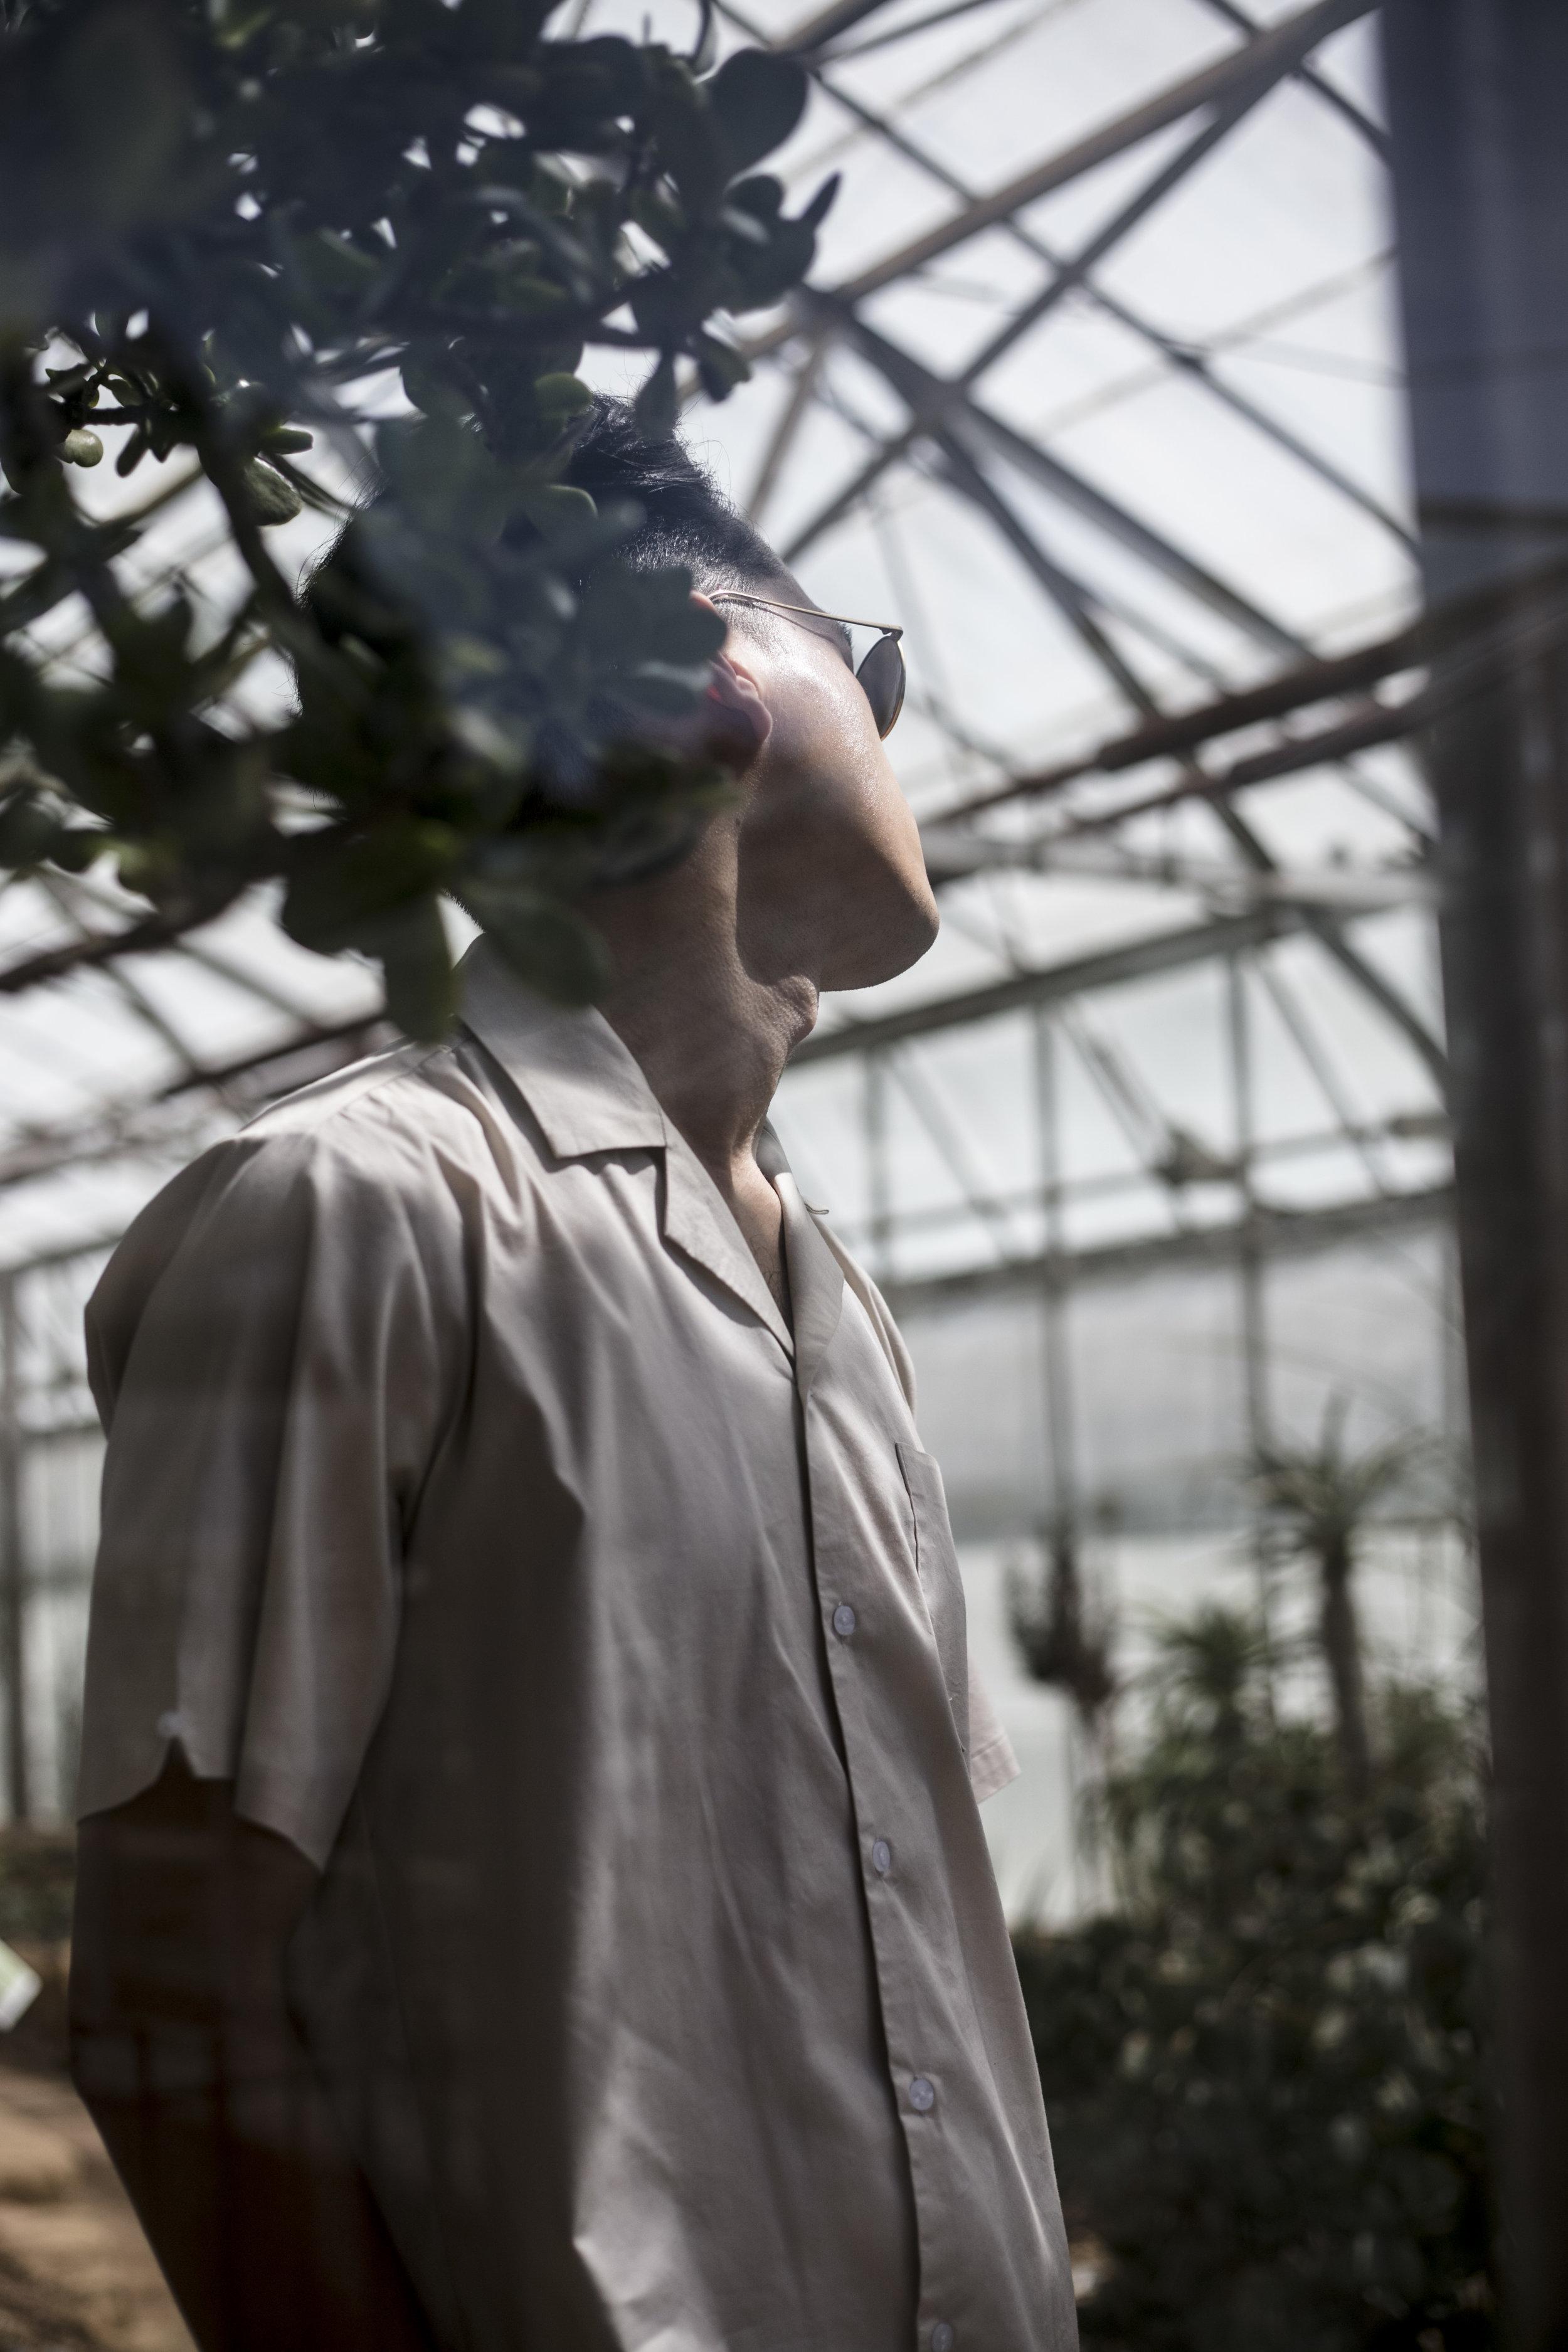 Jordan_Bunker_botanical_gardens_7.jpg